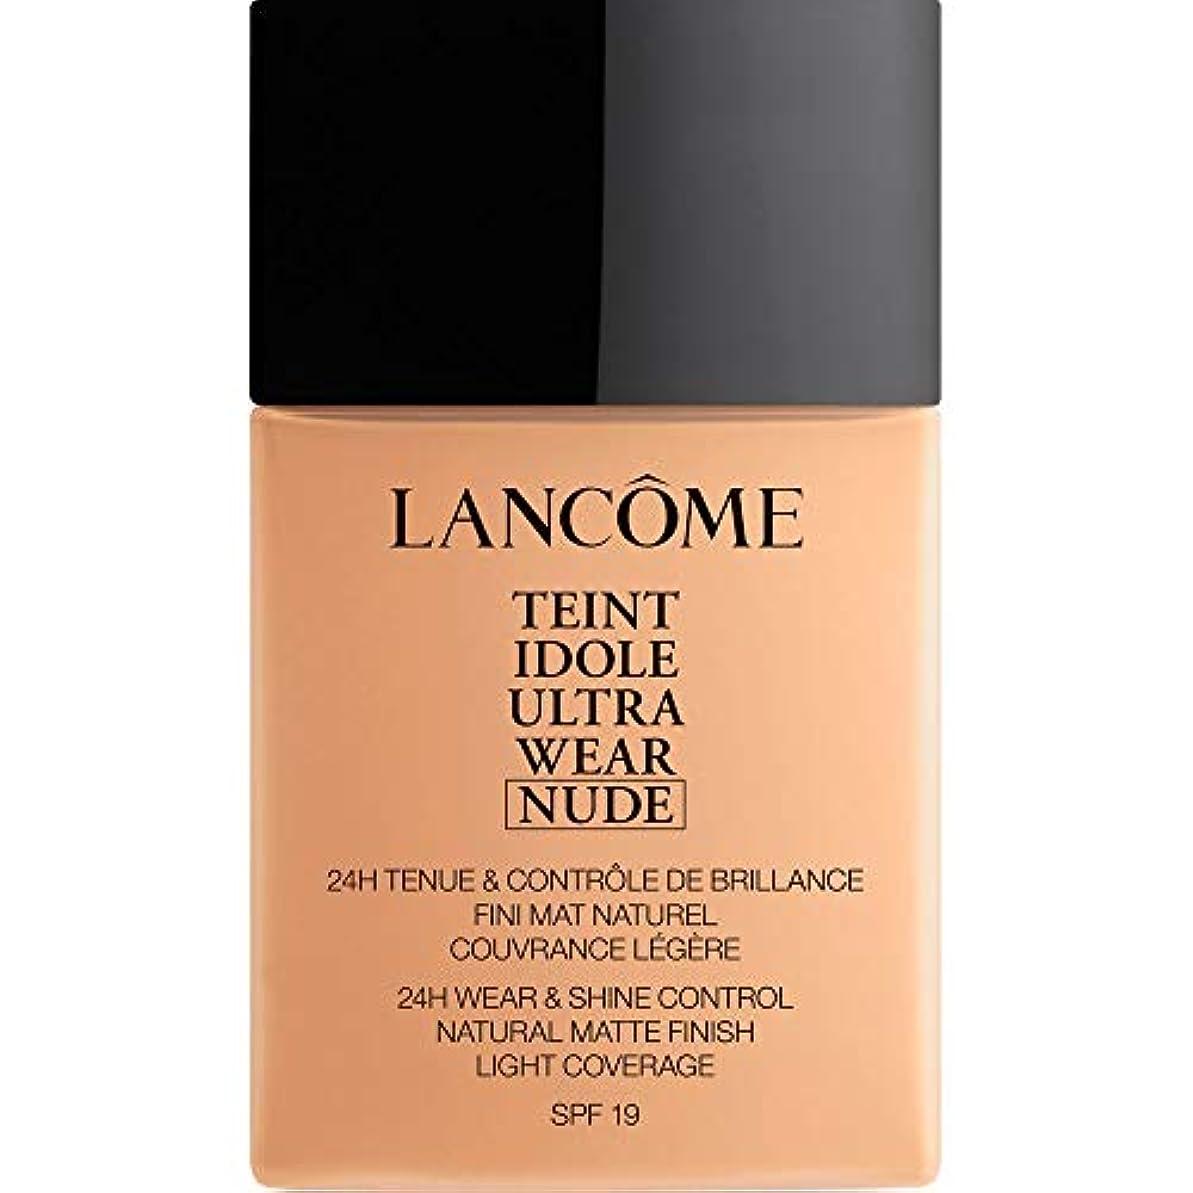 銃樹皮かび臭い[Lanc?me ] ランコムTeintのIdole超摩耗ヌード財団Spf19の40ミリリットル032 - ベージュCendre - Lancome Teint Idole Ultra Wear Nude Foundation...